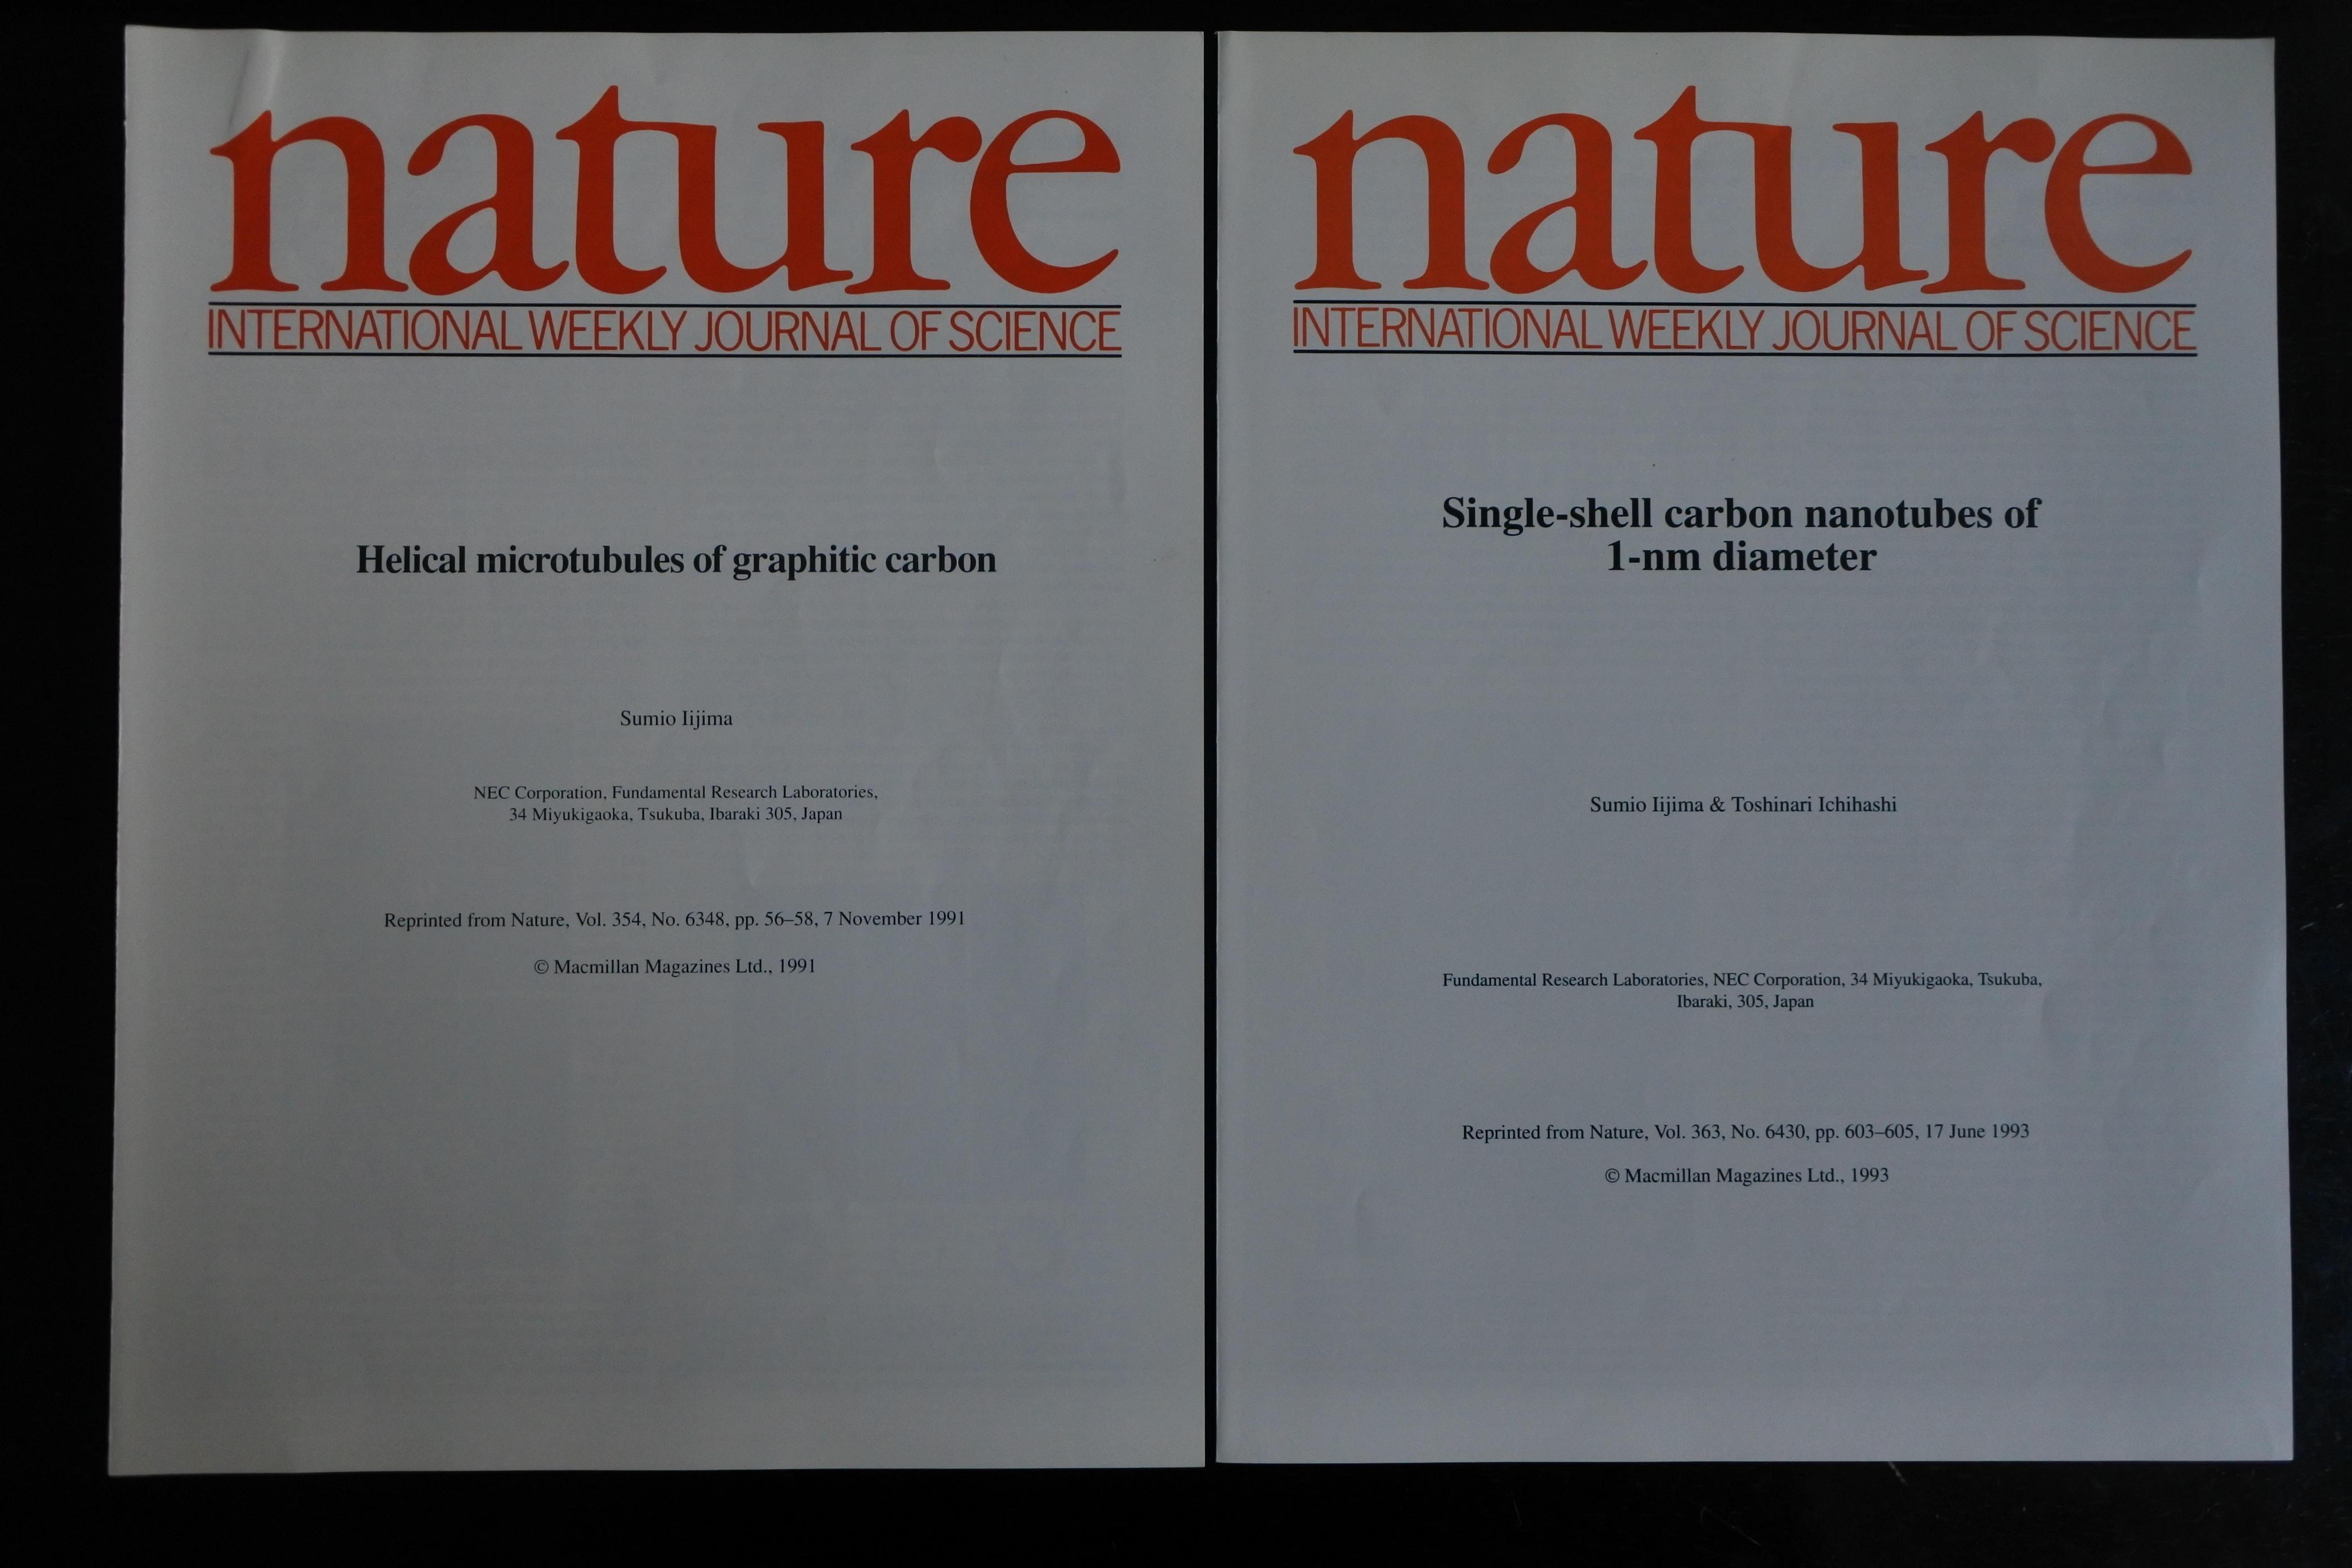 カーボンナノチューブ発見の論文が掲載された1991年の「nature」